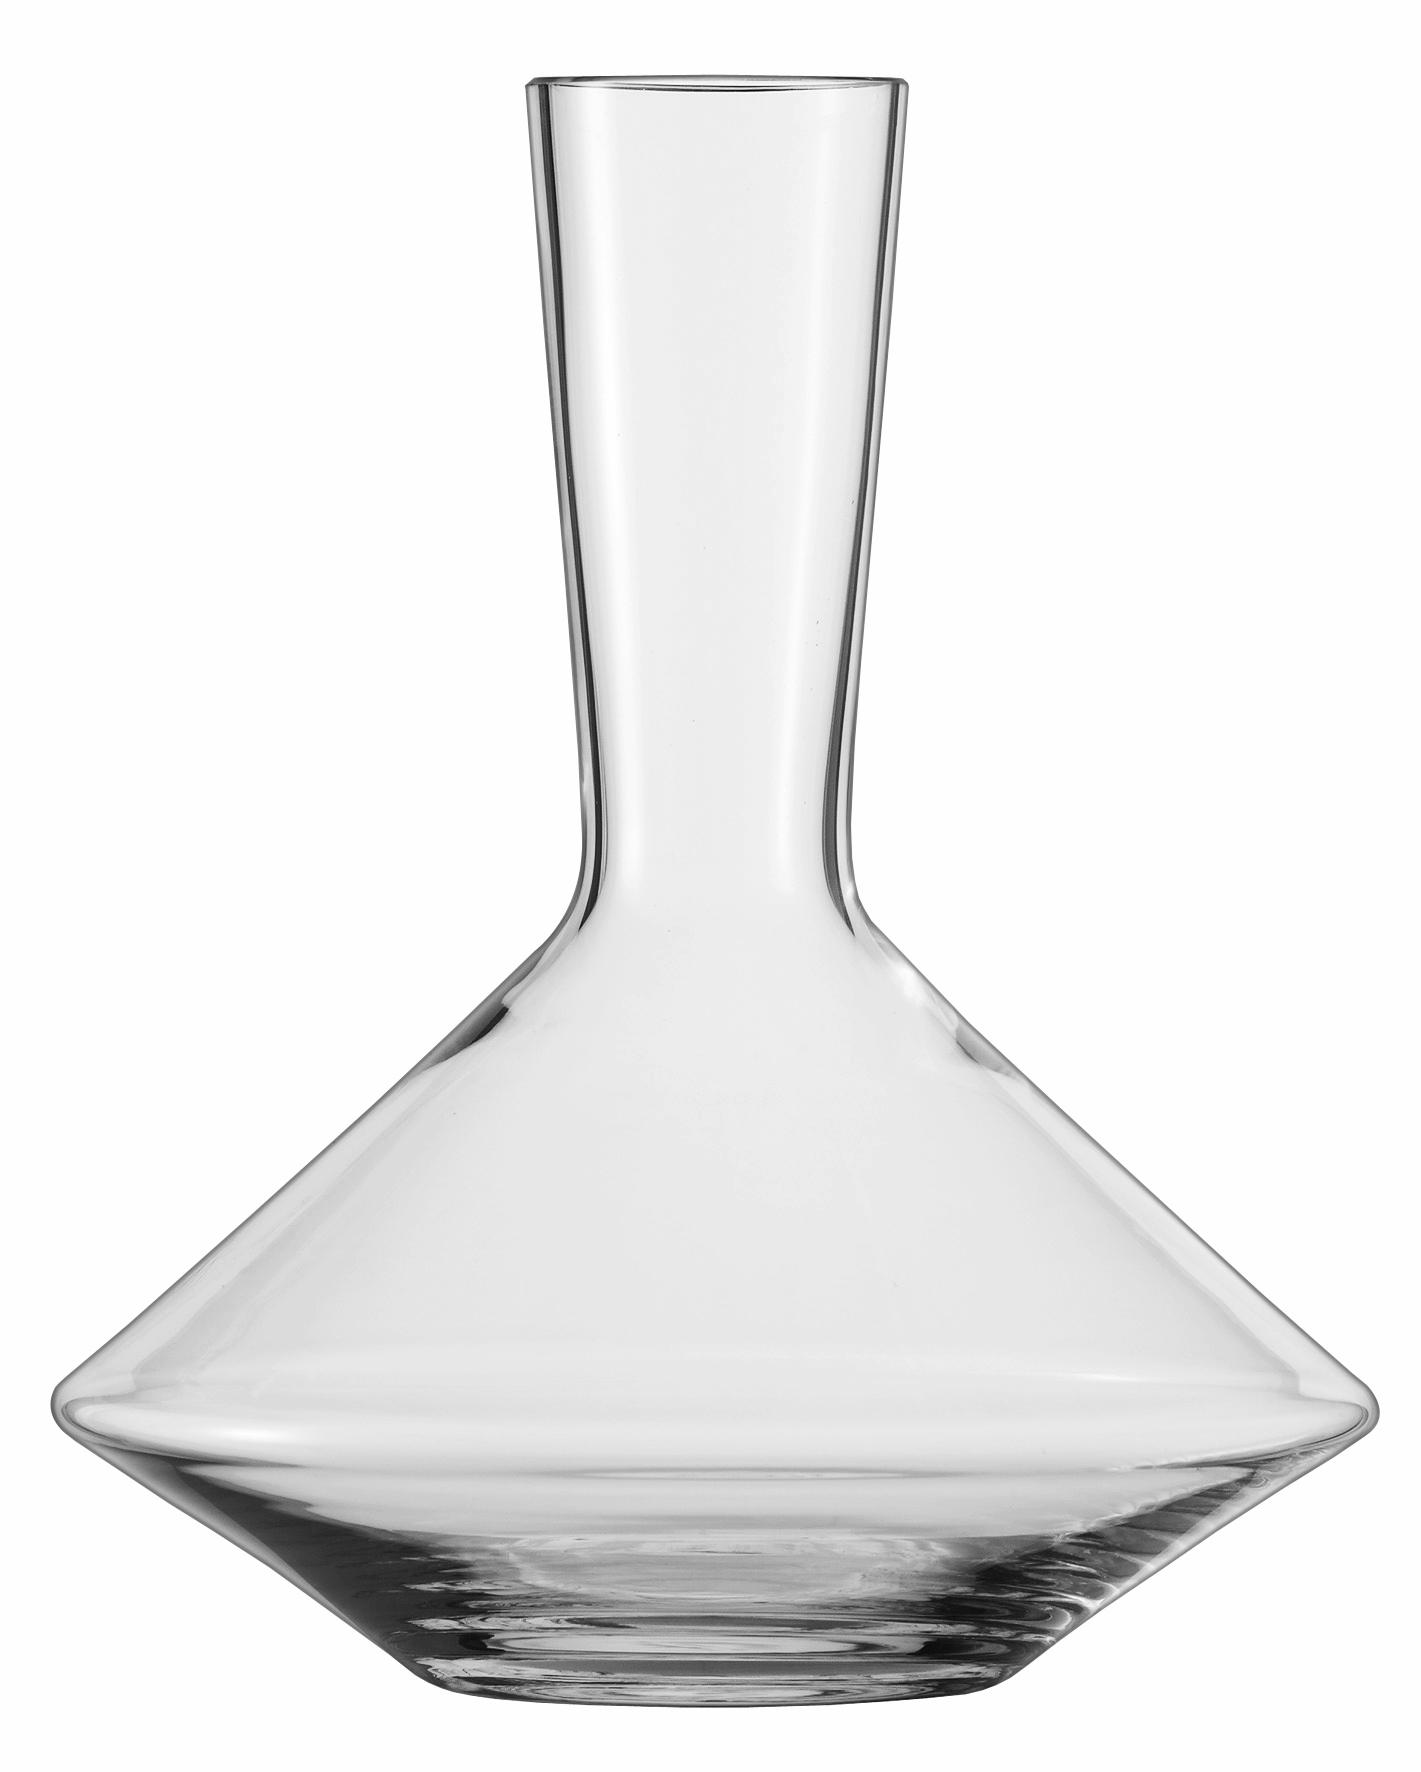 Decanteerkaraf rode wijn - Pure